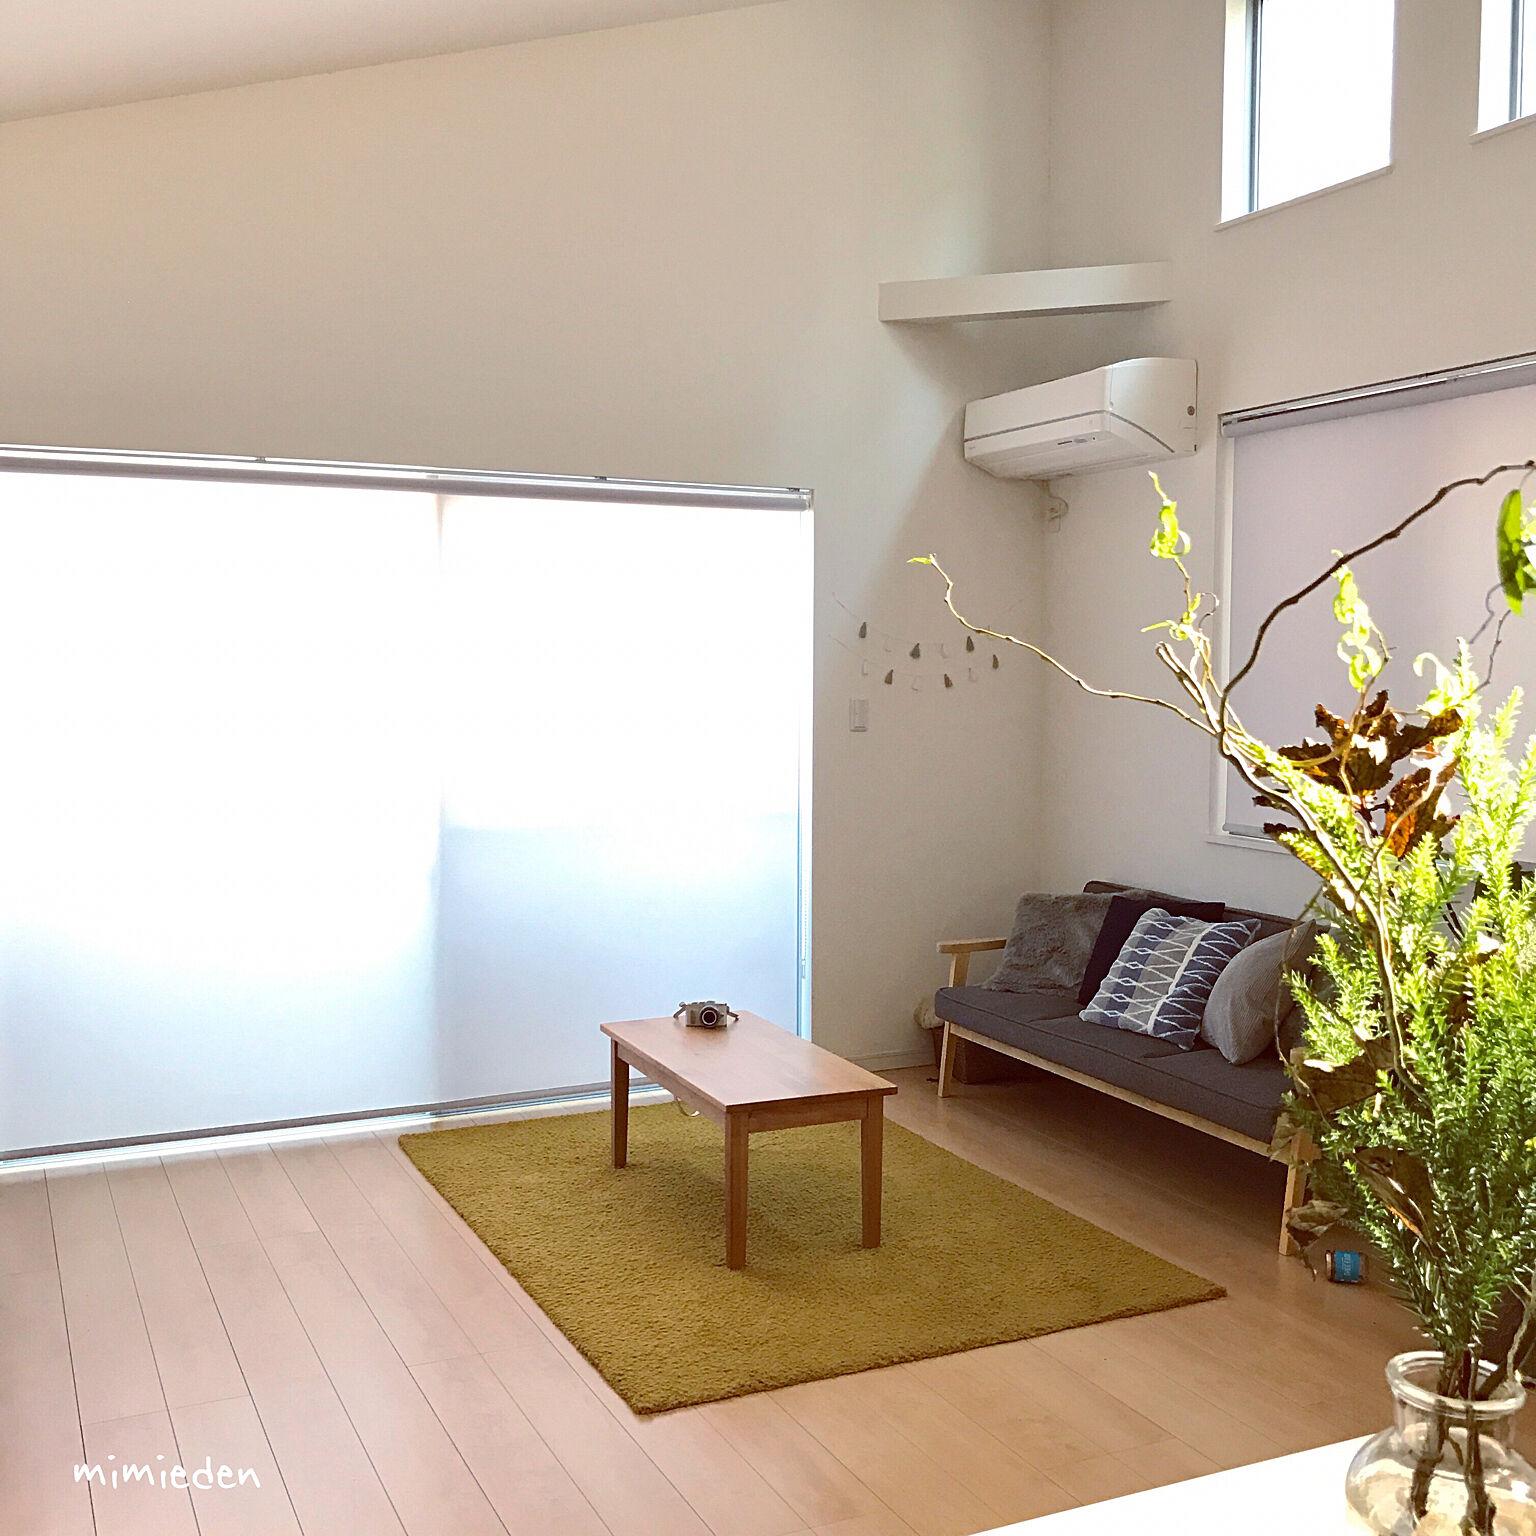 シンプルに美しく整えたお部屋にぴったり!無印良品のラグ